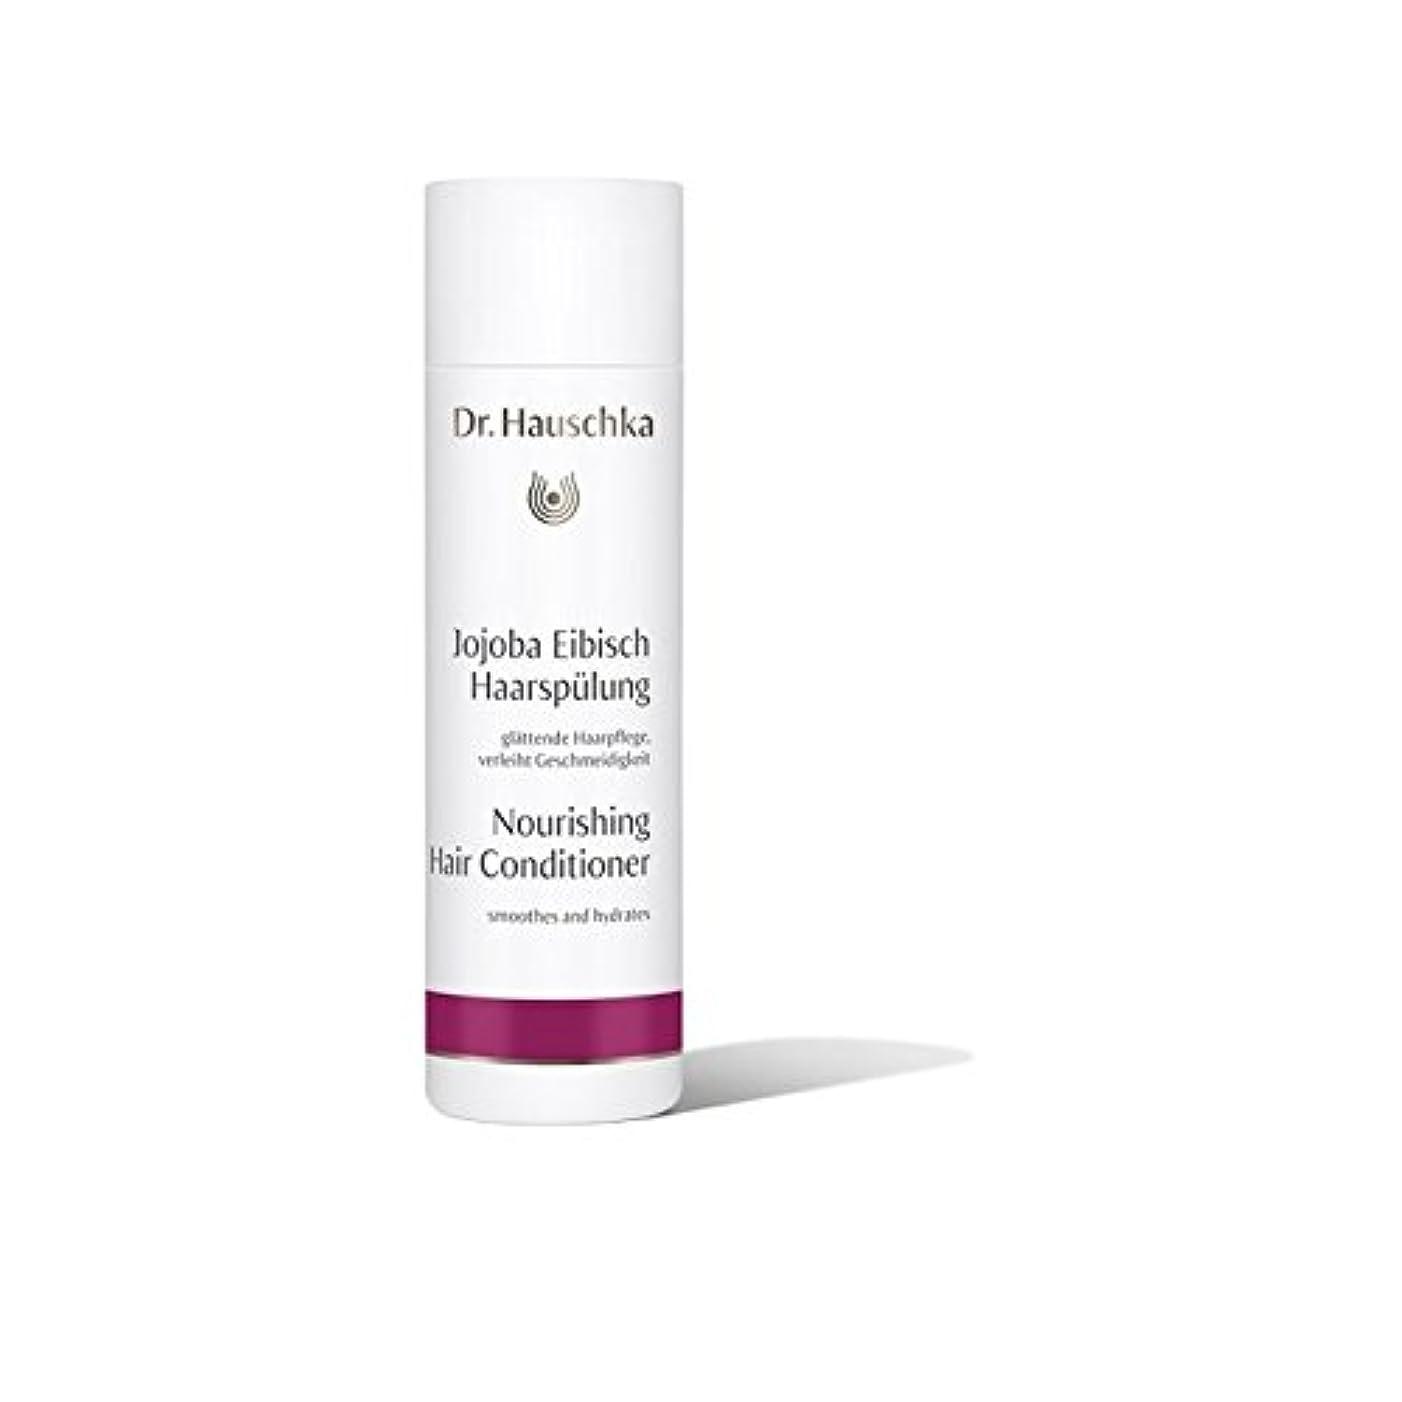 計器ピースプレビスサイトDr. Hauschka Nourishing Hair Conditioner (200ml) - ハウシュカ栄養ヘアコンディショナー(200ミリリットル) [並行輸入品]